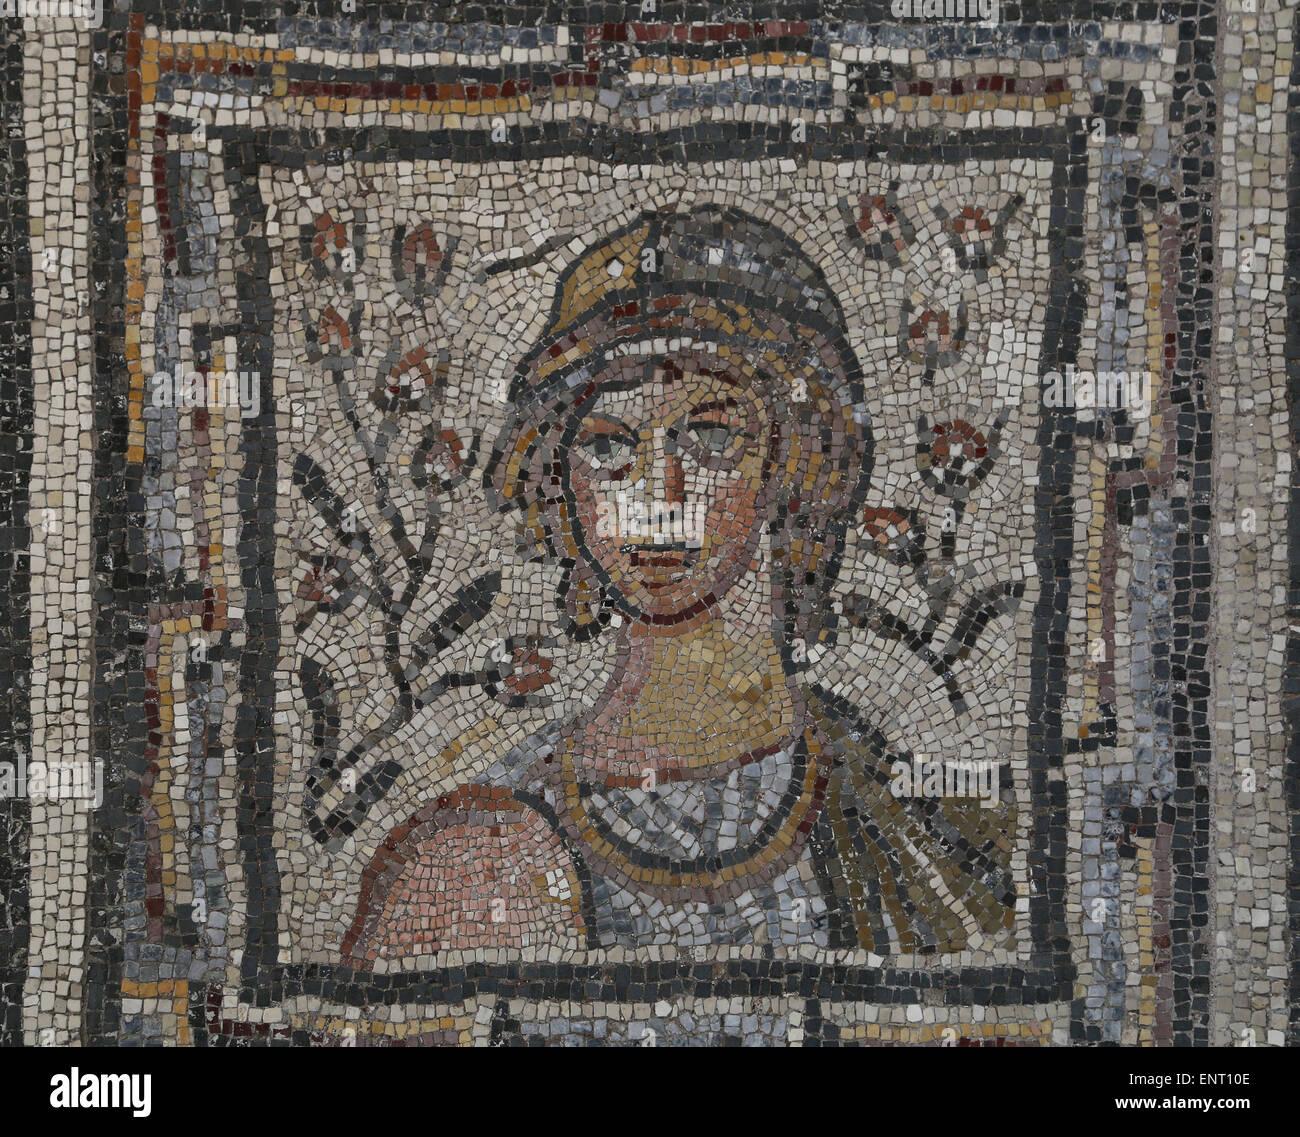 Mosaïque romaine avec les saisons. Rome, le Campanelle, Via Nouva. 4ème-5ème siècle. Musée Photo Stock